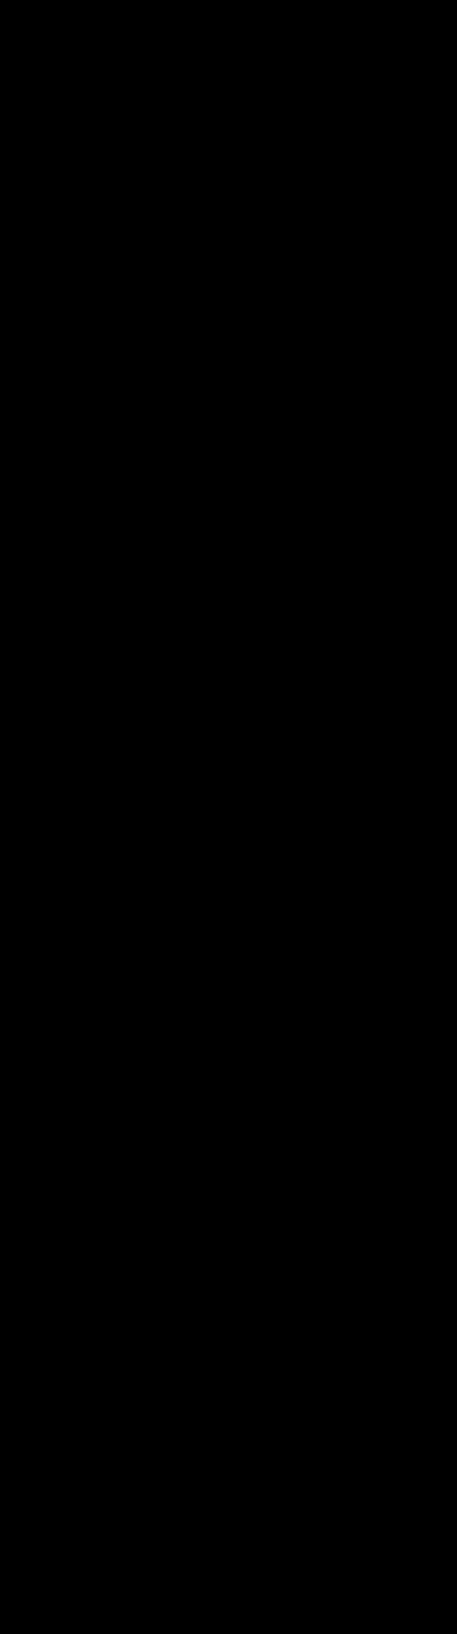 คอร์ดกีตาร์ ง่าย ตารางคอร์ดกีต้าร์ เพลง ของเหลือเดน